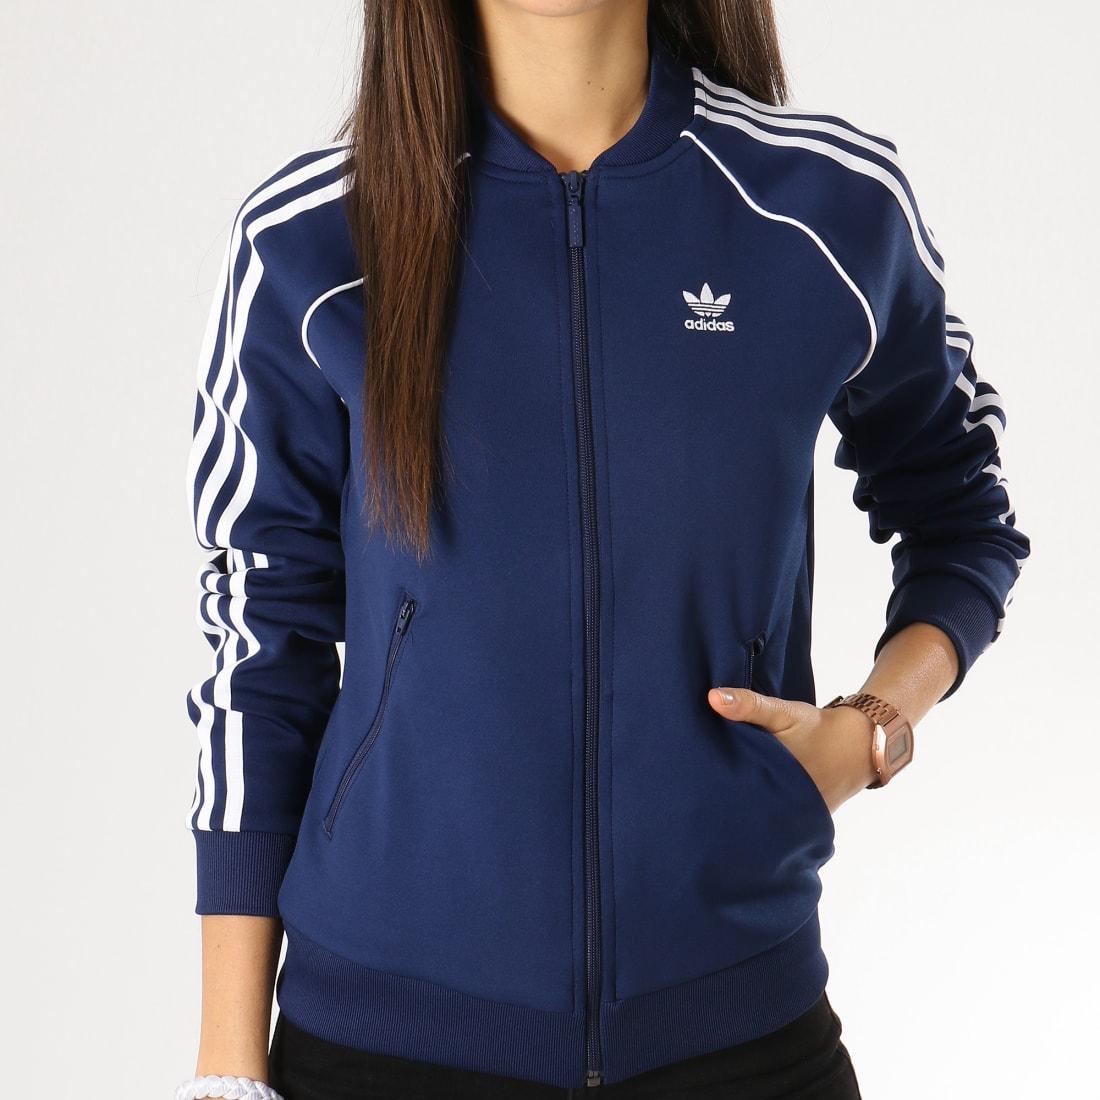 veste adidas bleu femme, le meilleur porte